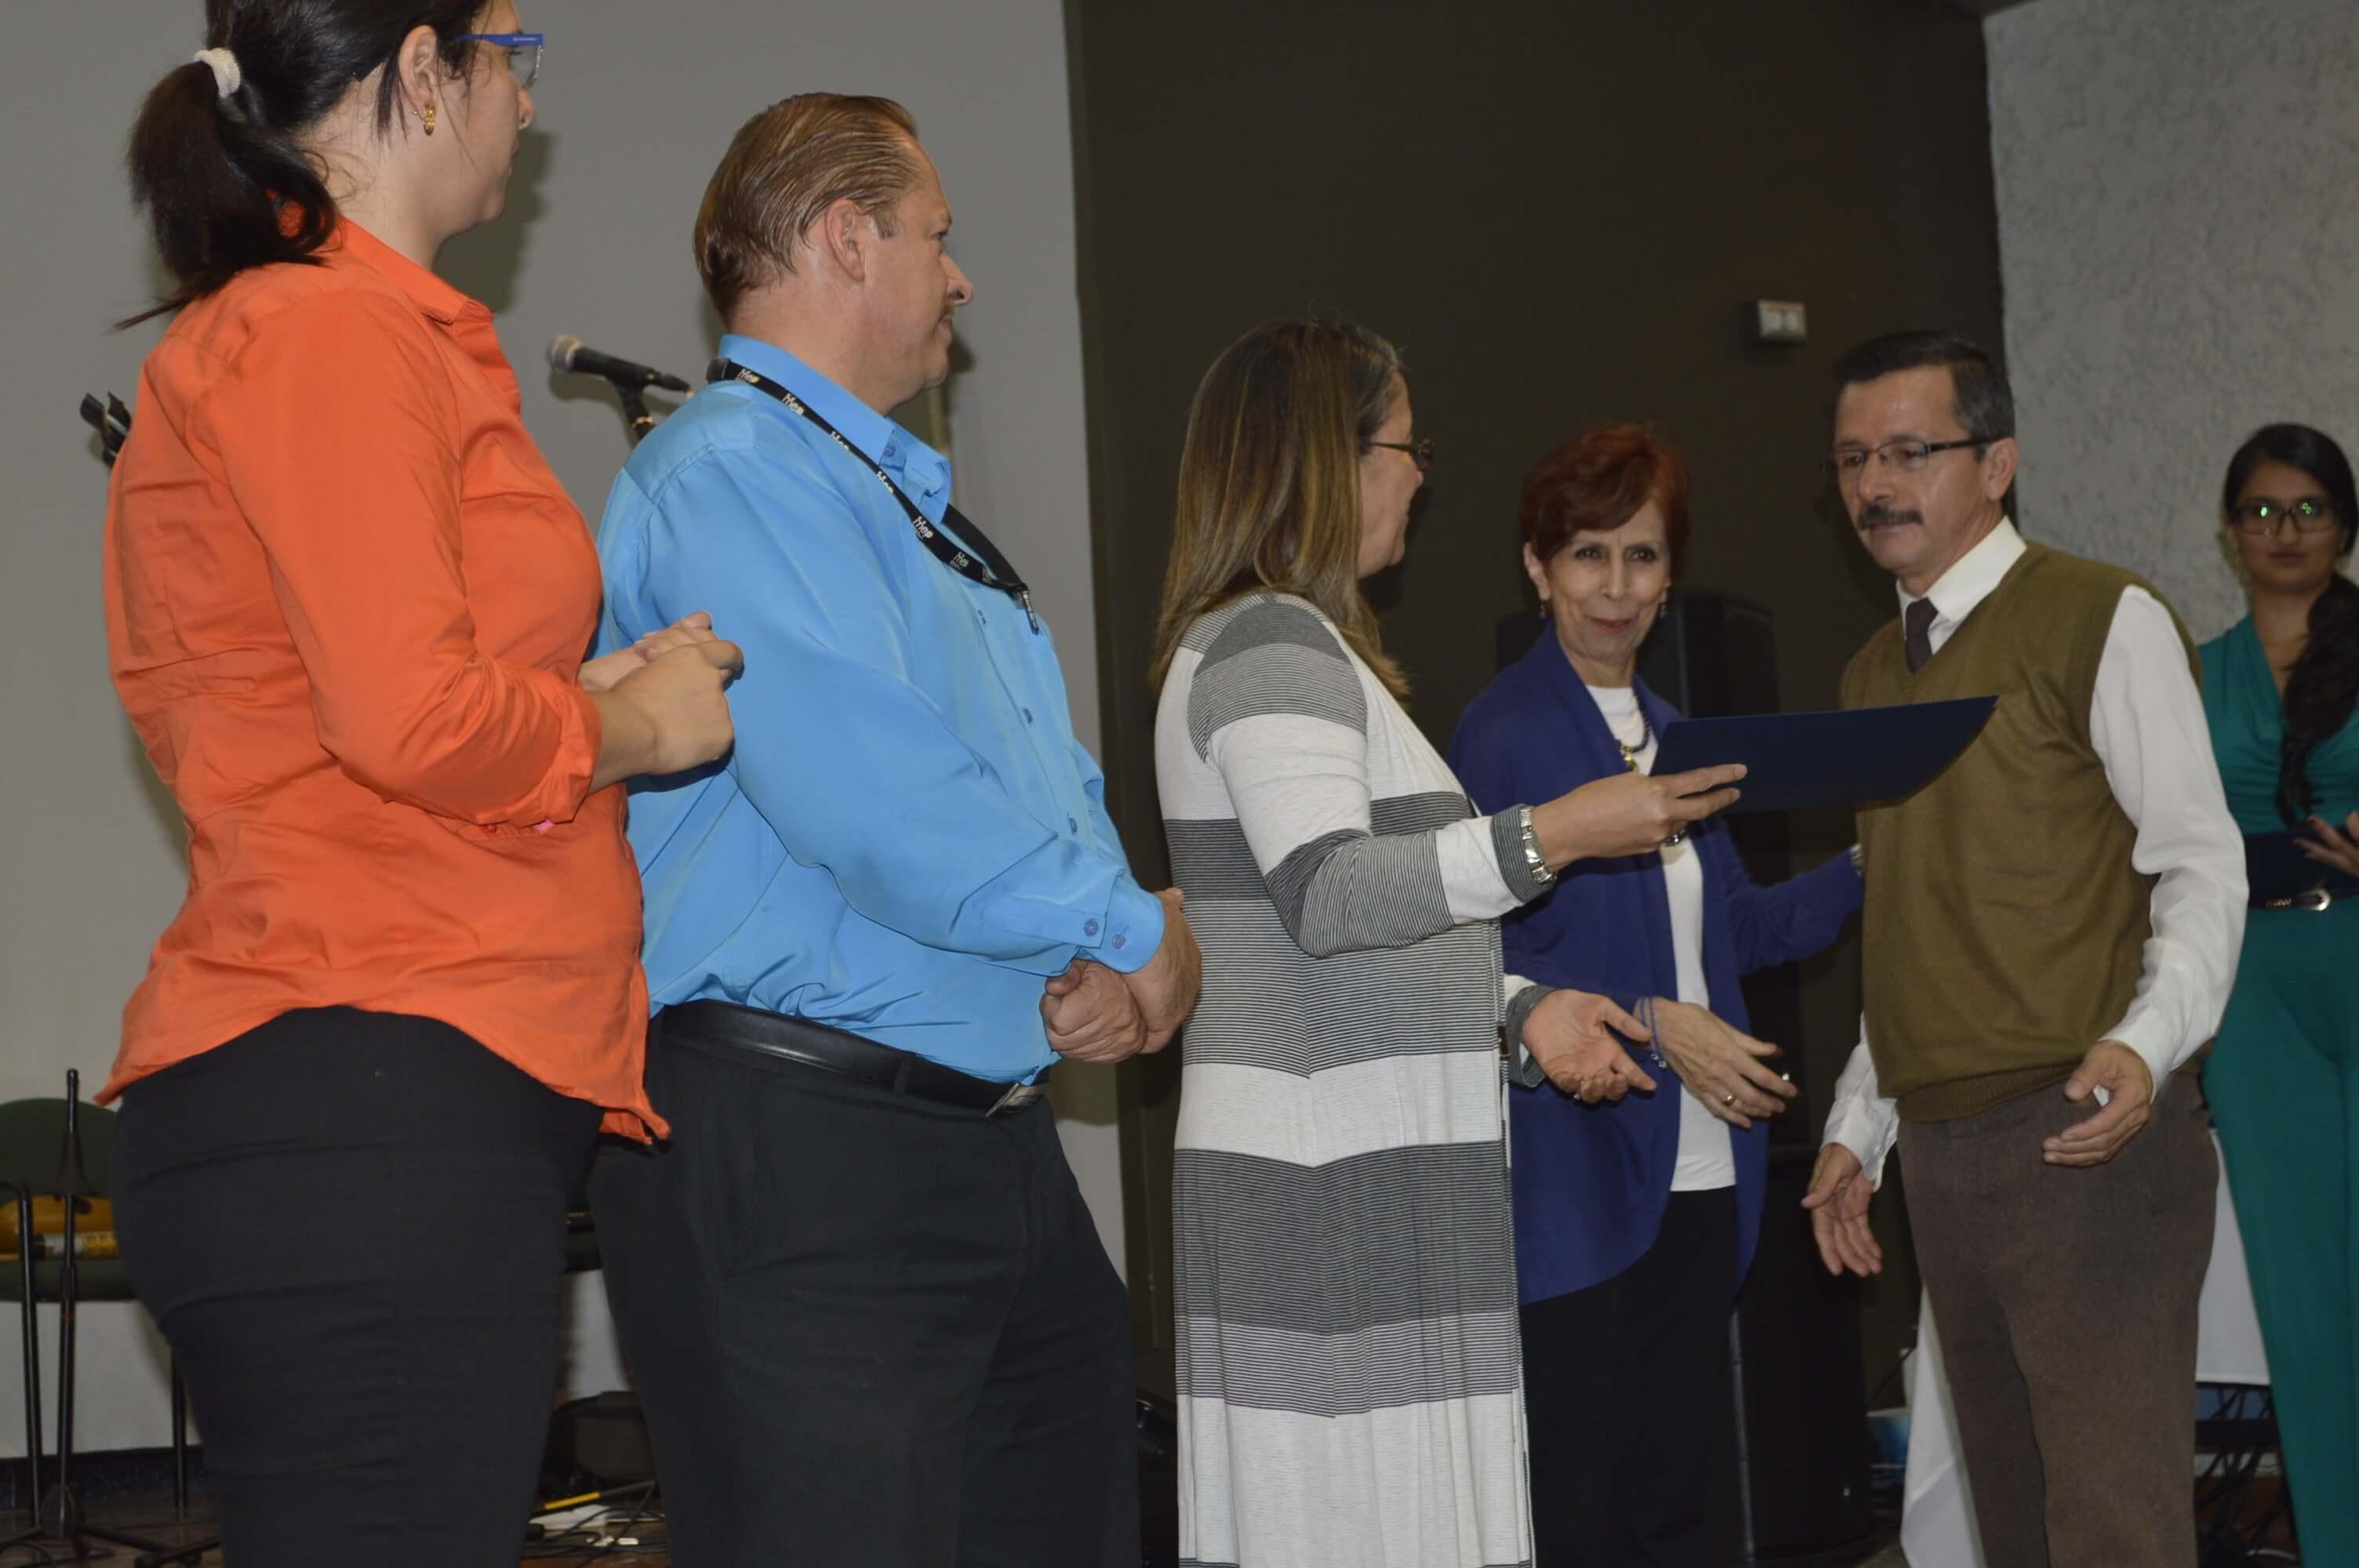 Estudiantes reciben título de representantes del Ministerio de Educación Pública, de la Vicerrectoría de Acción Social, de la Escuela de Trabajo Social y del Programa de Educación Abierta. Foto: Jafeth Mora.